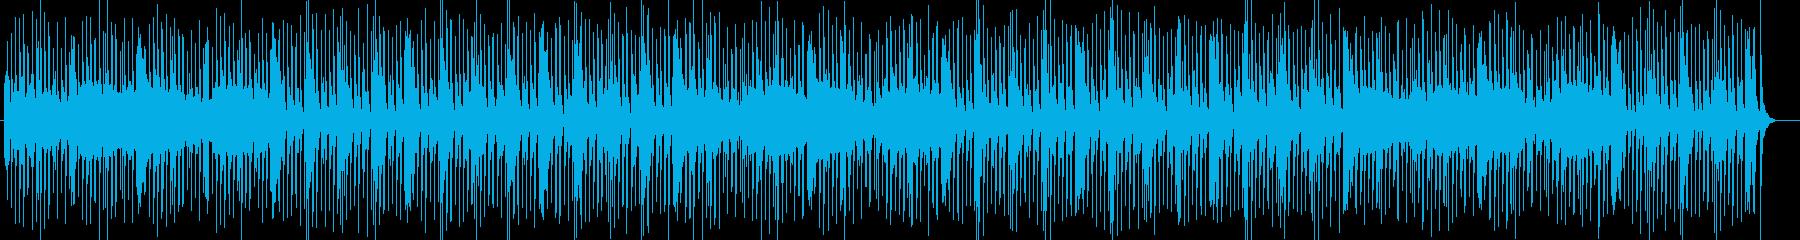 楽しげなシンセ・打楽器・管楽器などポップの再生済みの波形